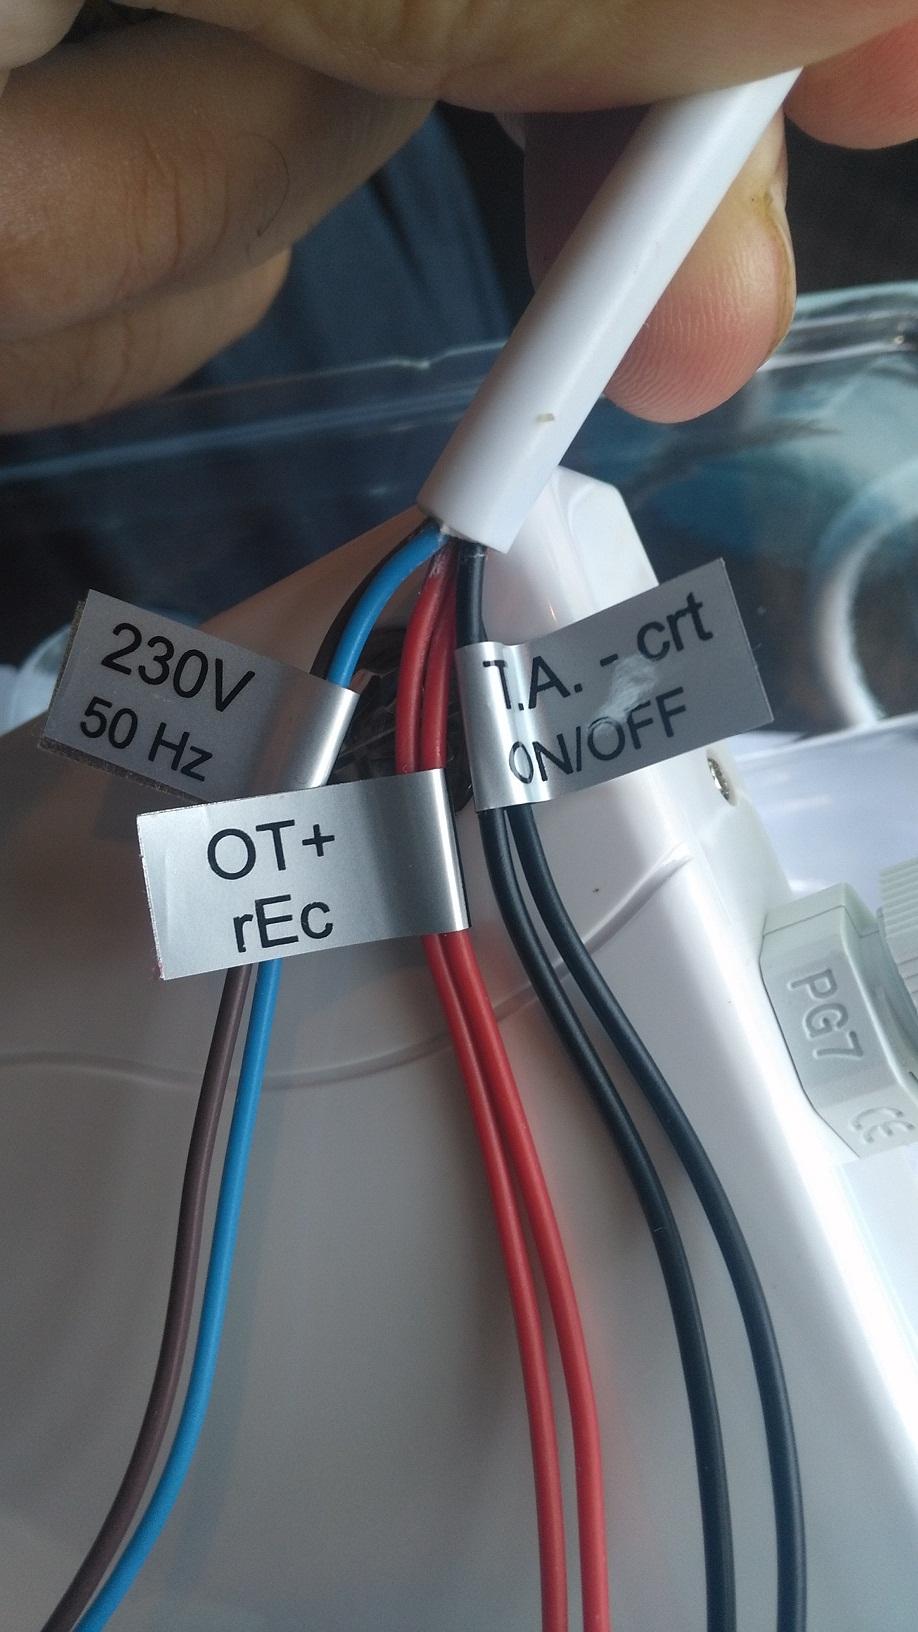 Cable_OT-TA.jpg, 379.31 kb, 918 x 1632